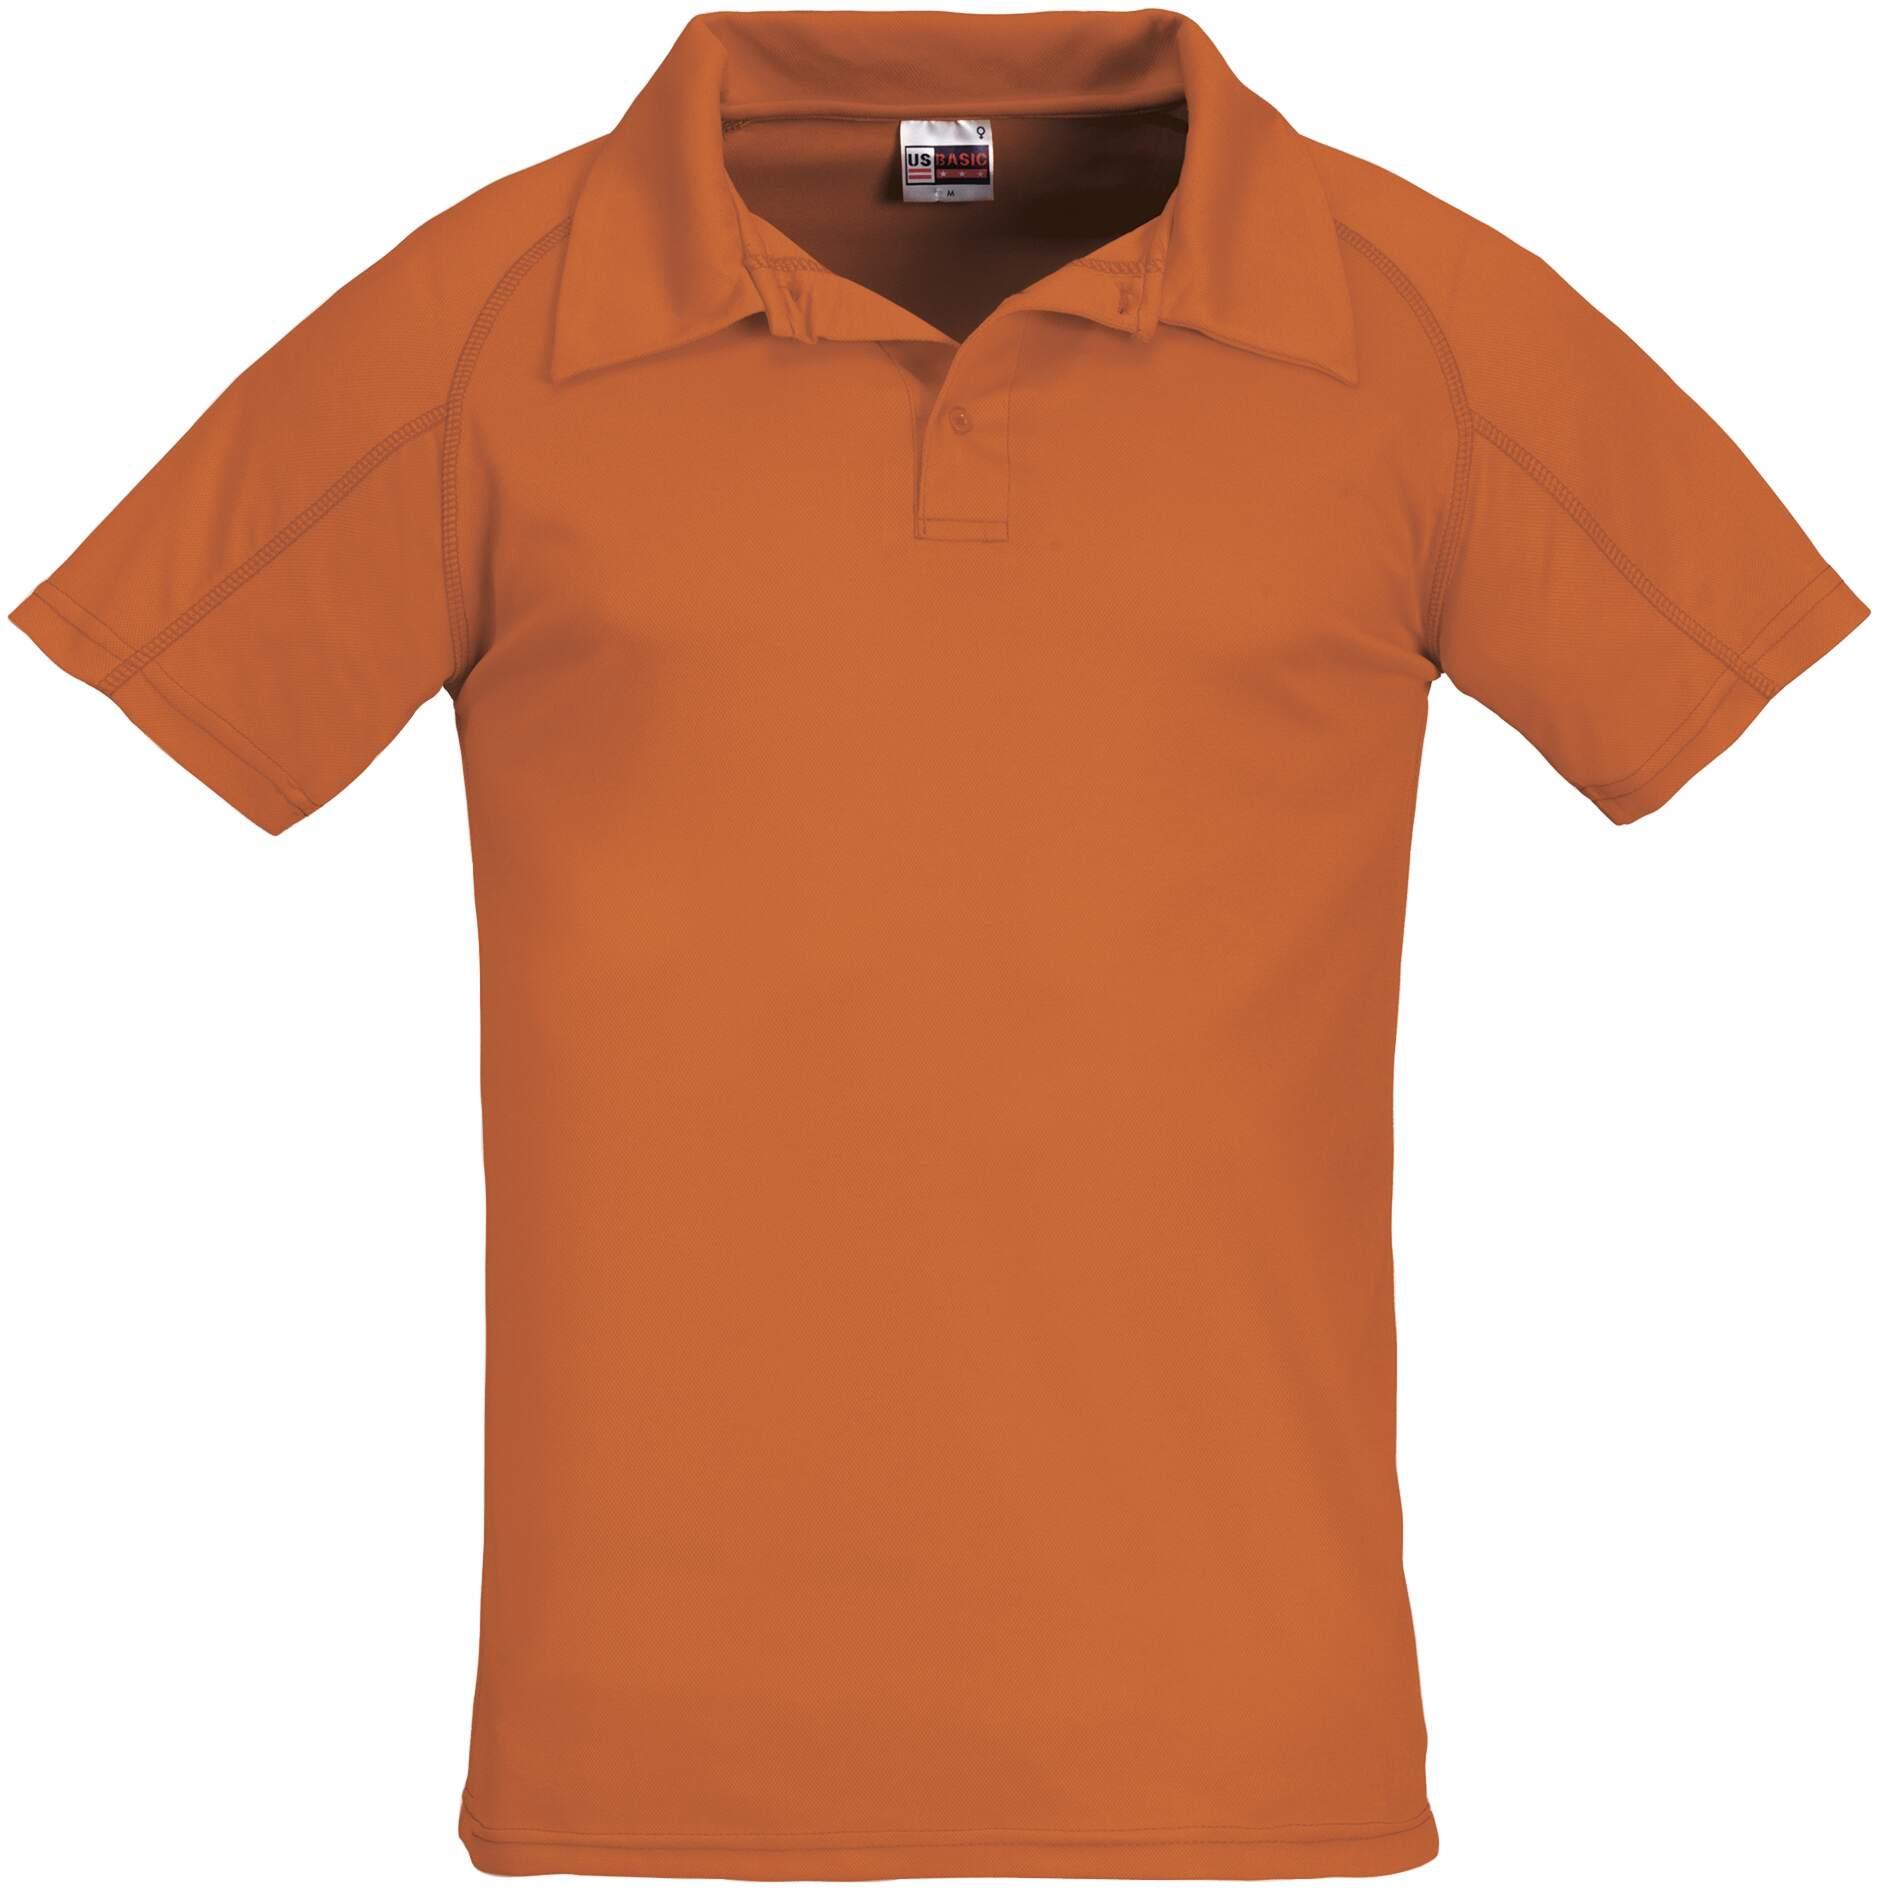 Koszulku Polo US 31098 Cool Fit - 31098_pomarańczowy_US - Kolor: Pomarańczowy